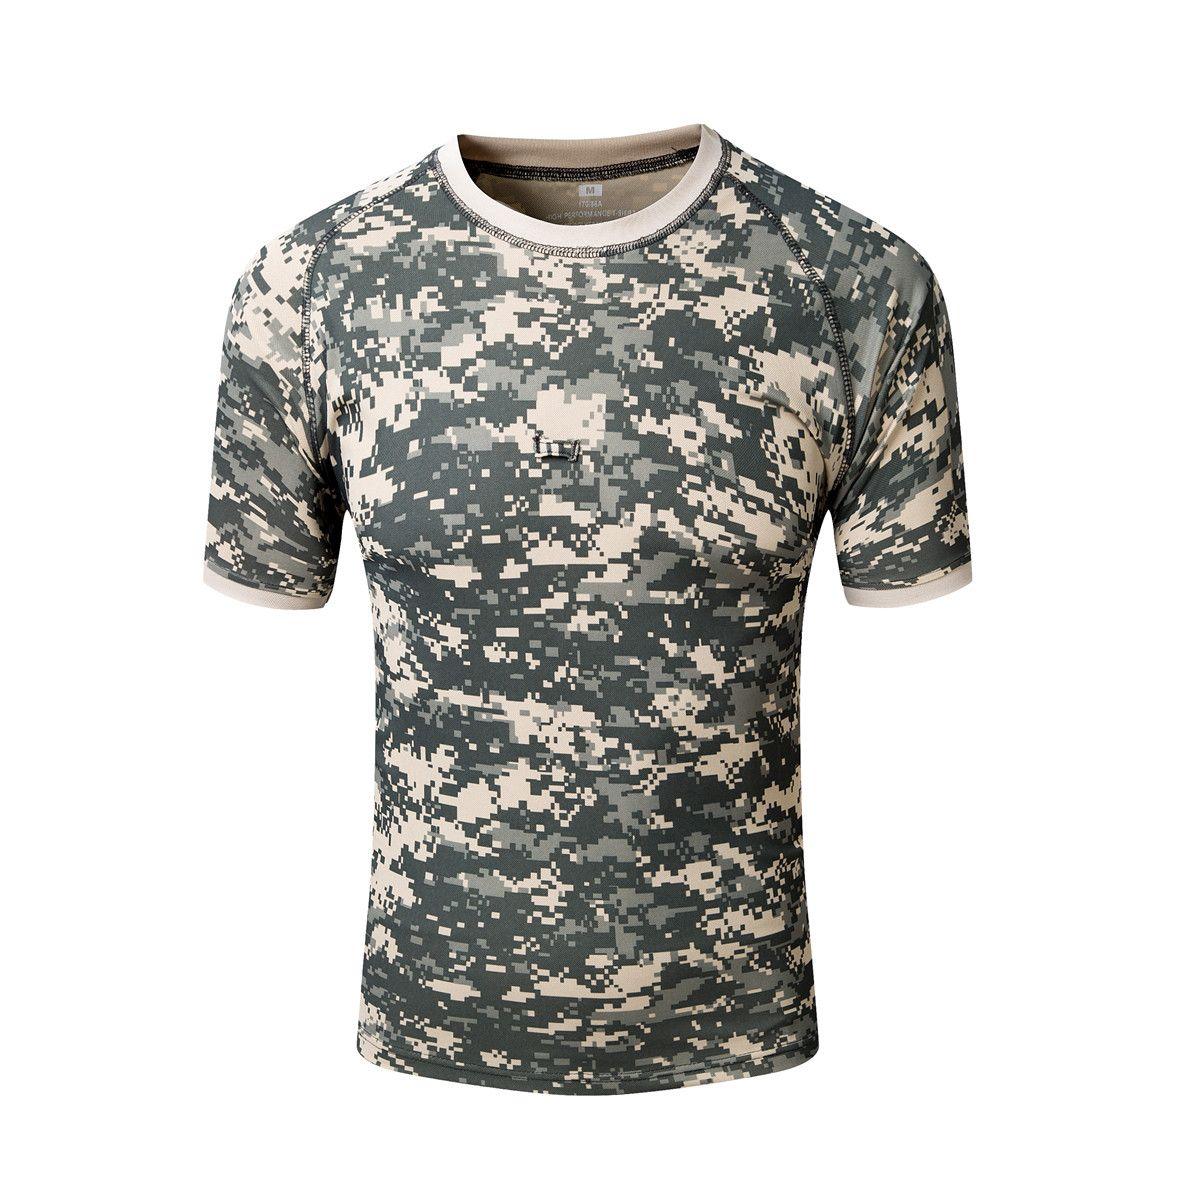 Storia di s Tattica da uomo Gear Military Airsoft Special Ops Camicia da combattimento Camouflage leggero girocollo Quick Dry manica corta TShirt